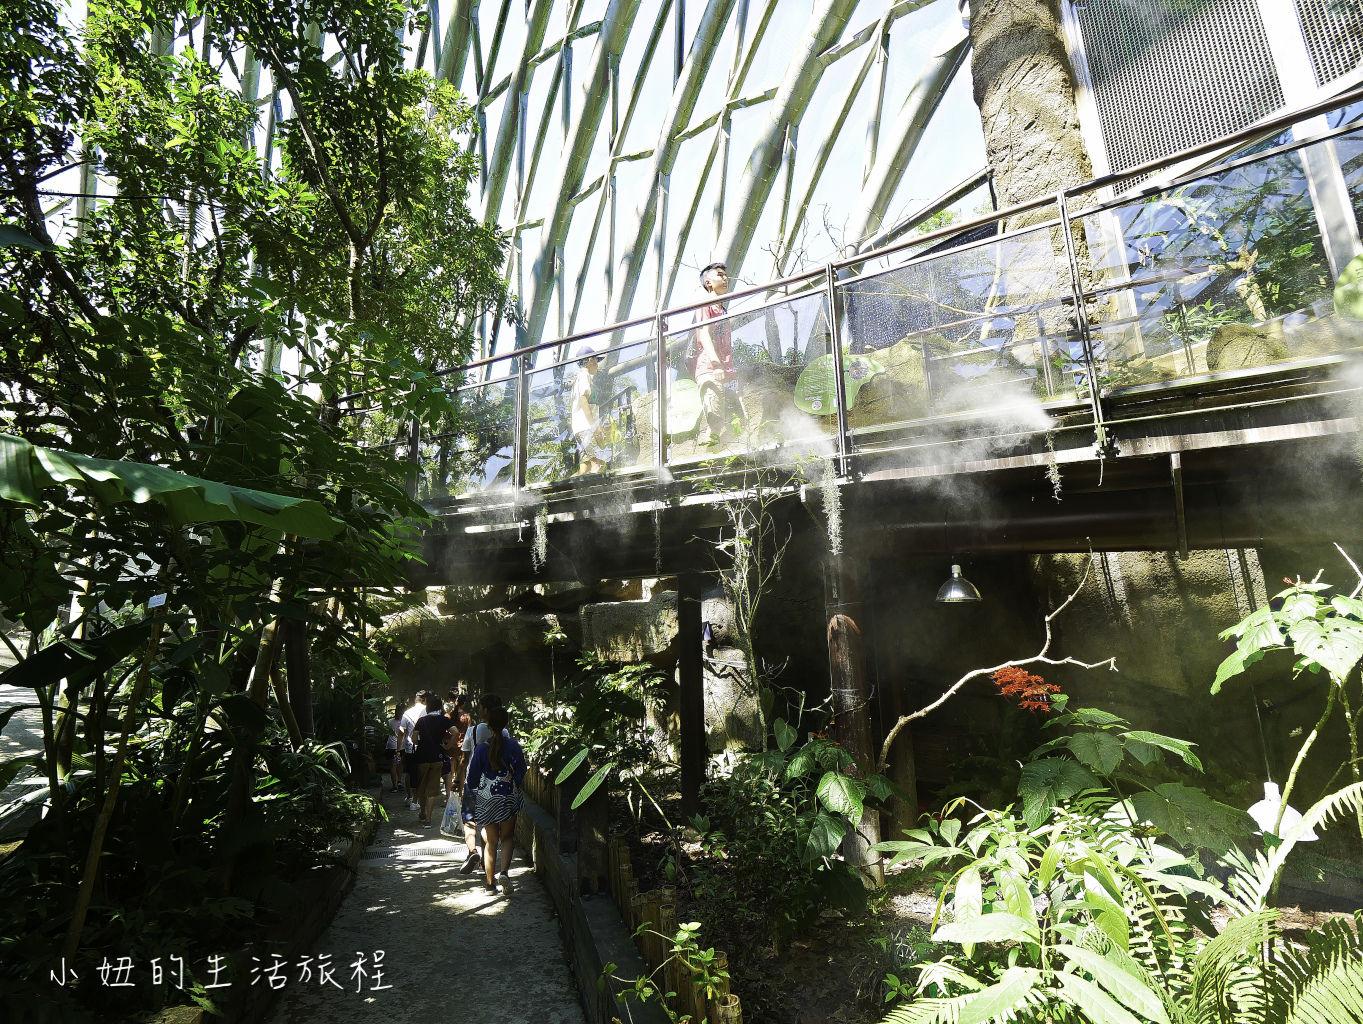 木柵動物園,穿山甲館,熱帶雨林館,2019-32.jpg